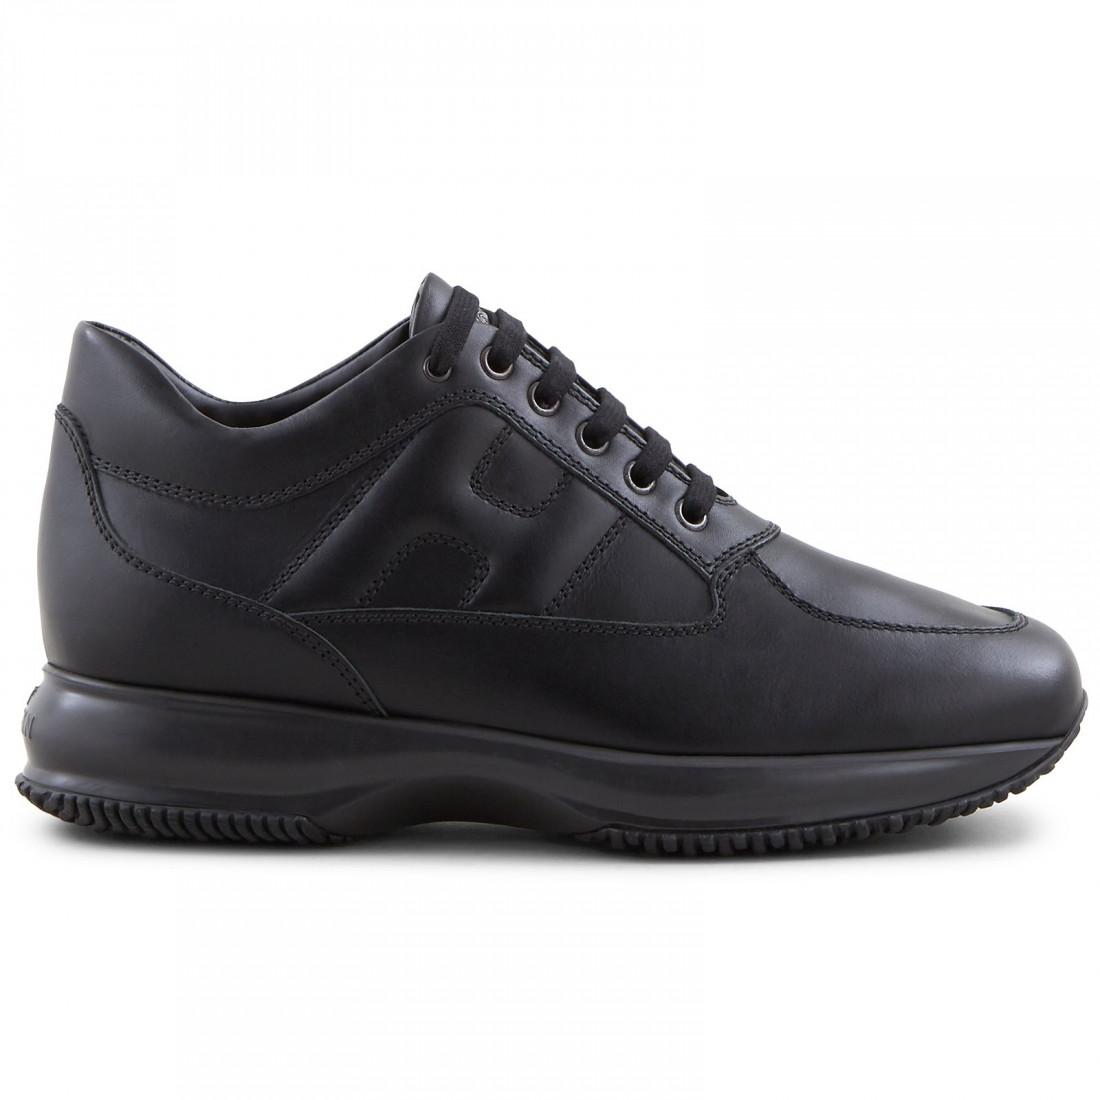 sneakers uomo hogan hxm00n00010klab999 4979